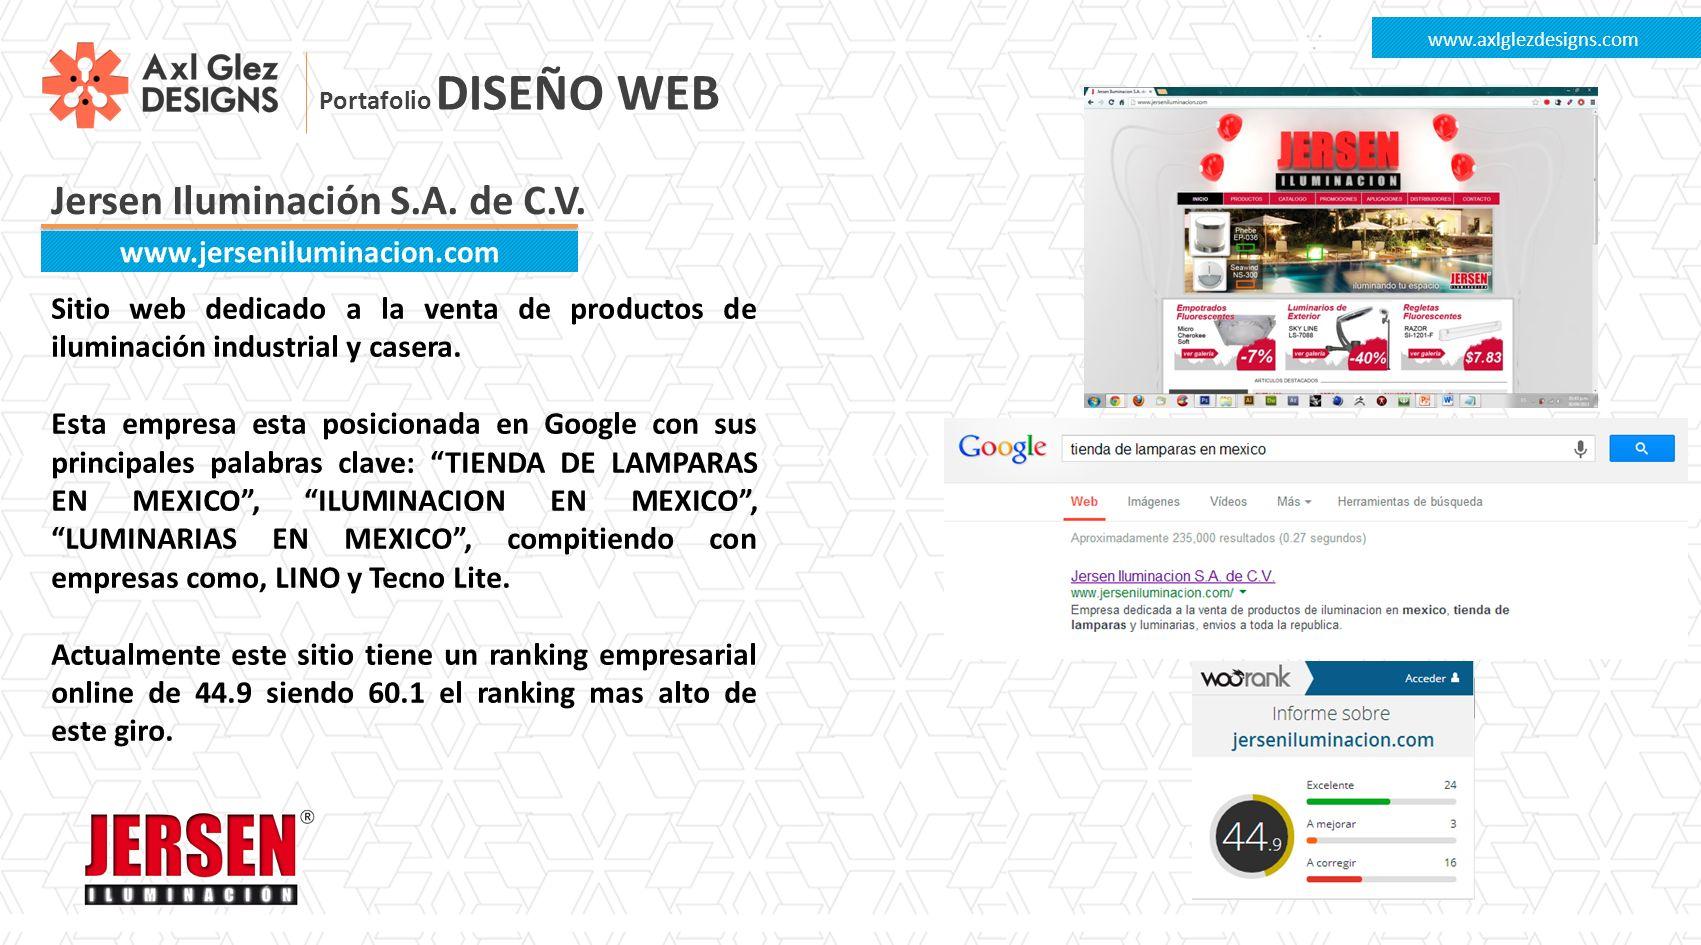 Jersen Iluminación S.A. de C.V. www.axlglezdesigns.com www.jerseniluminacion.com Sitio web dedicado a la venta de productos de iluminación industrial